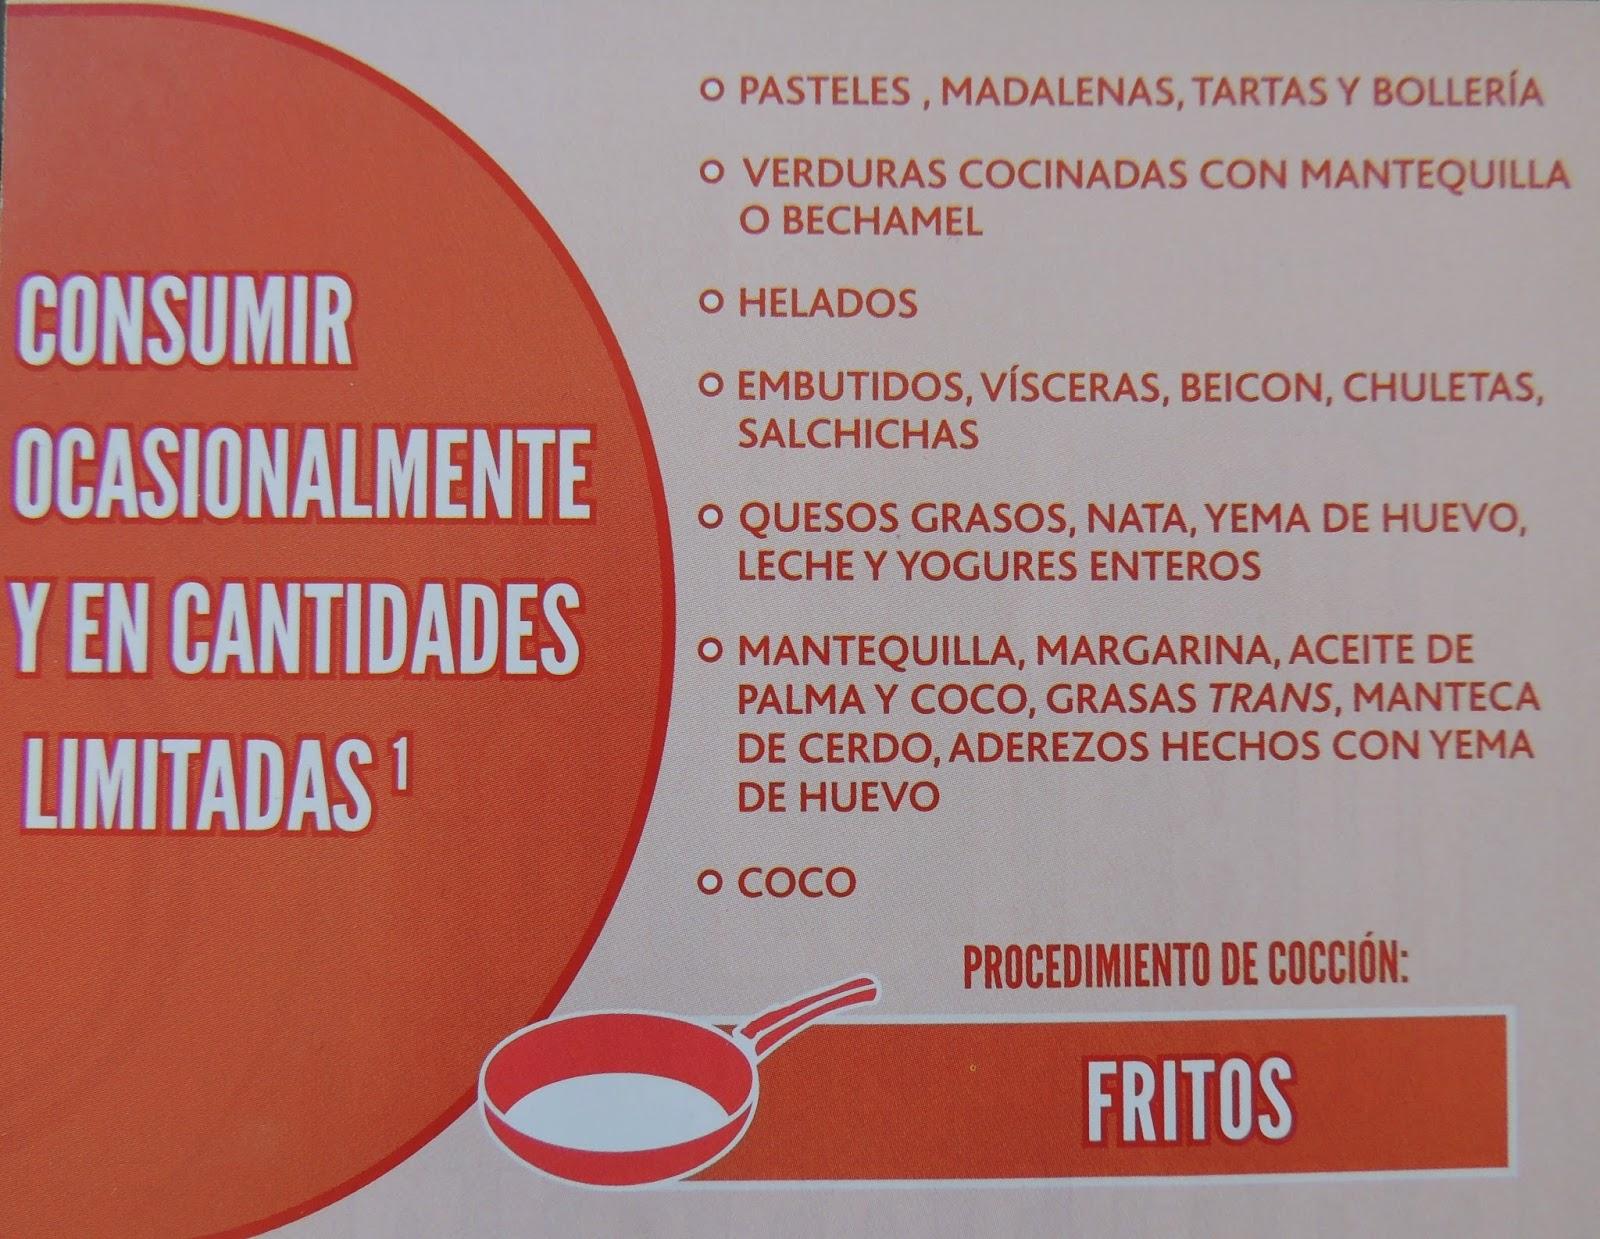 acido urico en el metabolismo algun te para bajar acido urico medicamento para acido urico colchicina